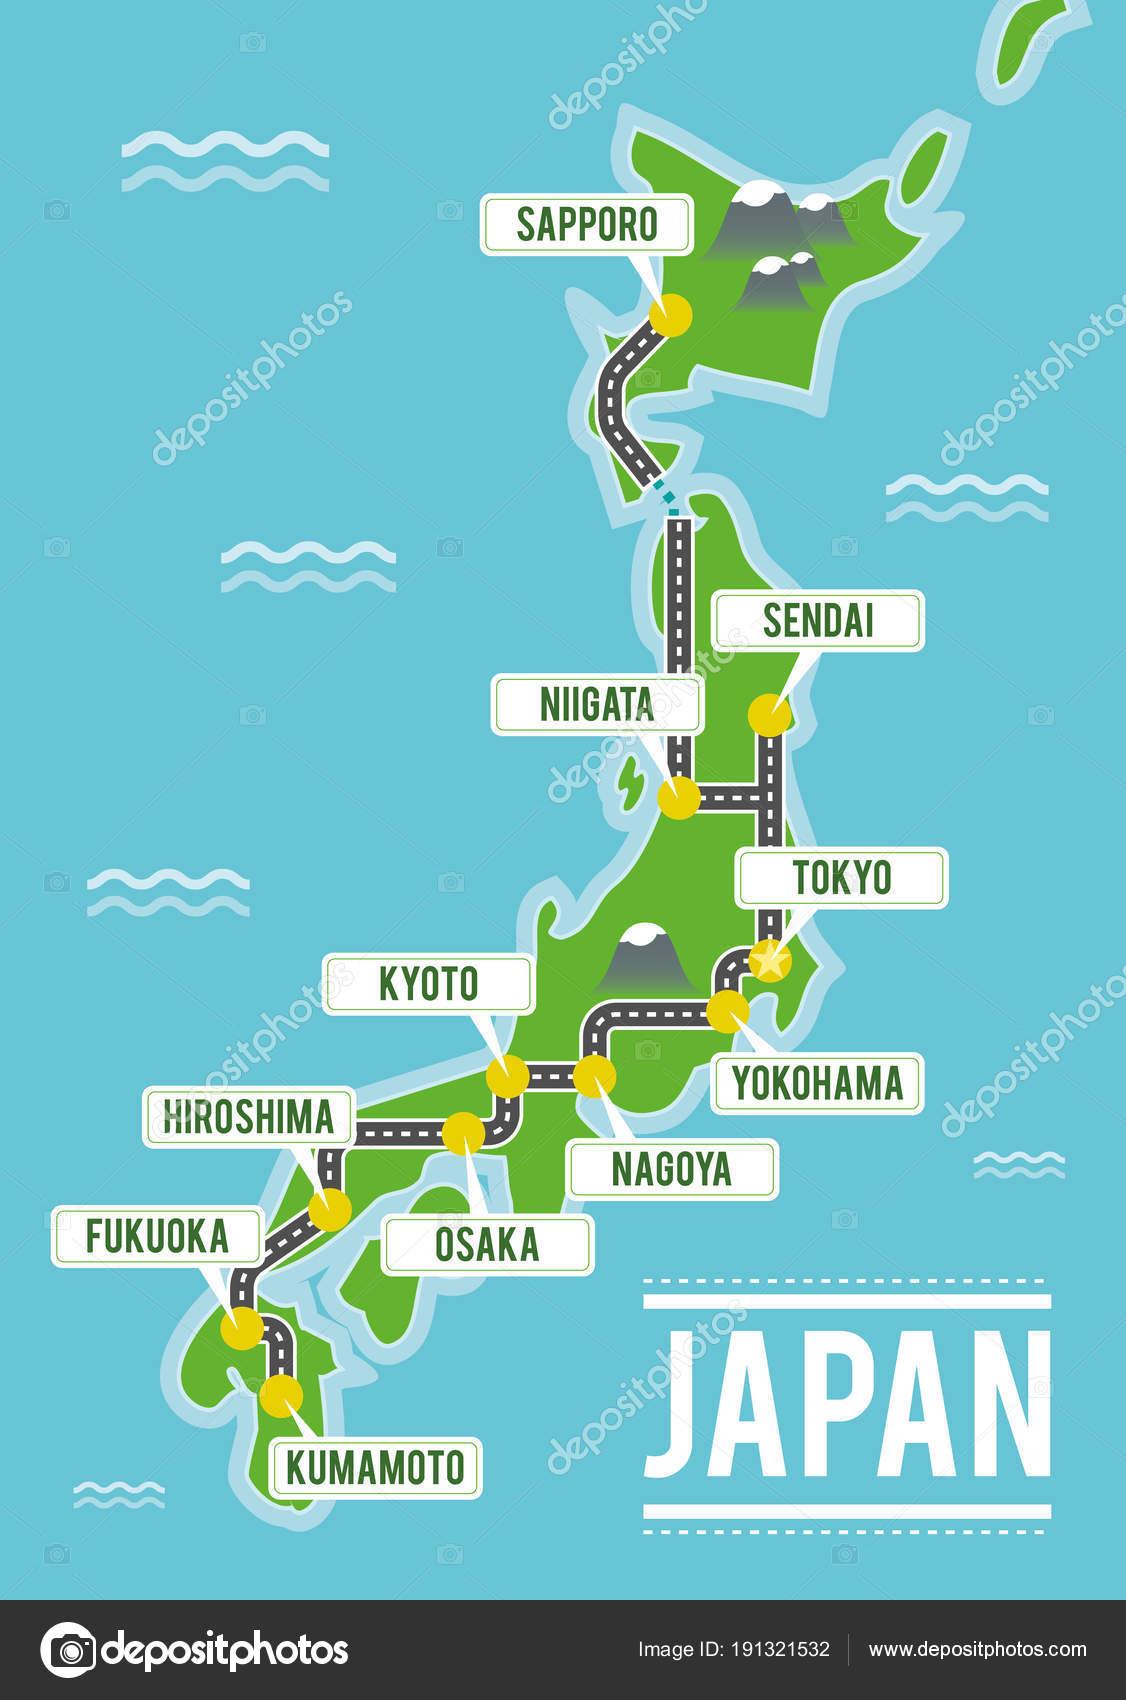 Mapa De Japon Ciudades.Mapa De Vectores De Dibujos Animados De Japon Ilustracion